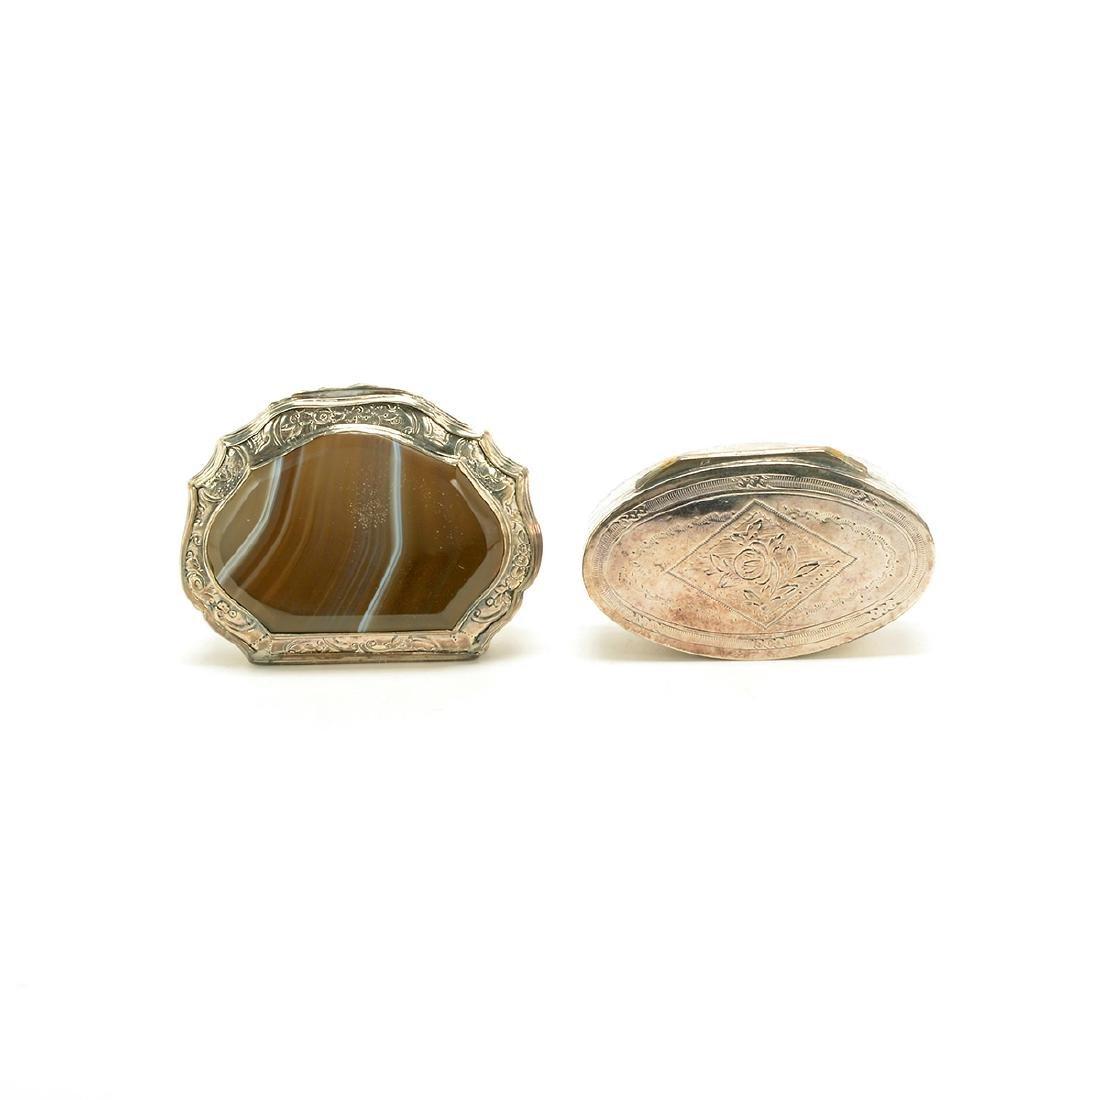 Seven Silver Snuff Boxes and Cigarette Cases - 2